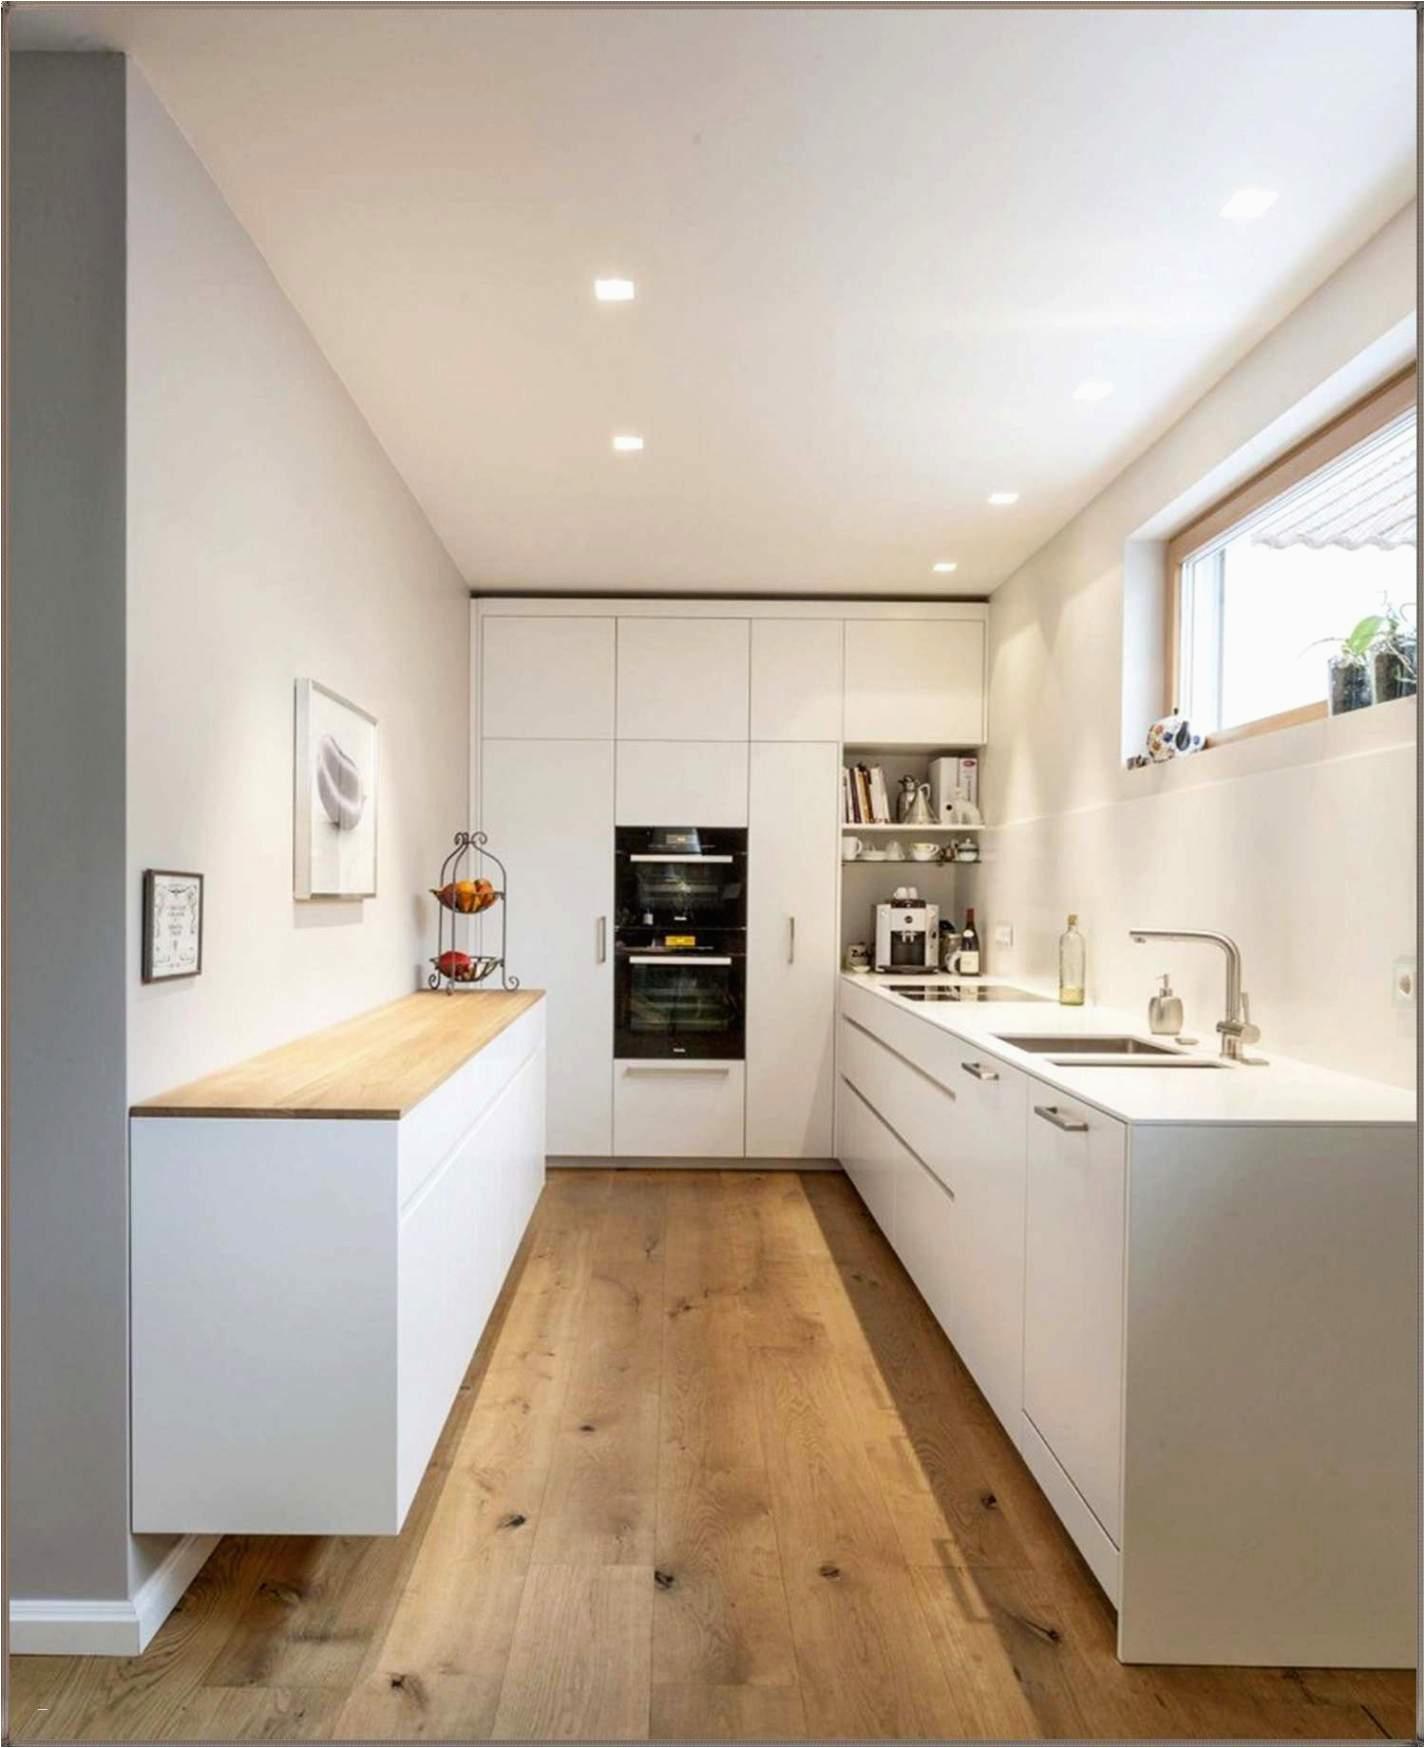 durchreiche kuche wohnzimmer inspirierend durchreiche kuche wohnzimmer temobardz home blog of durchreiche kuche wohnzimmer